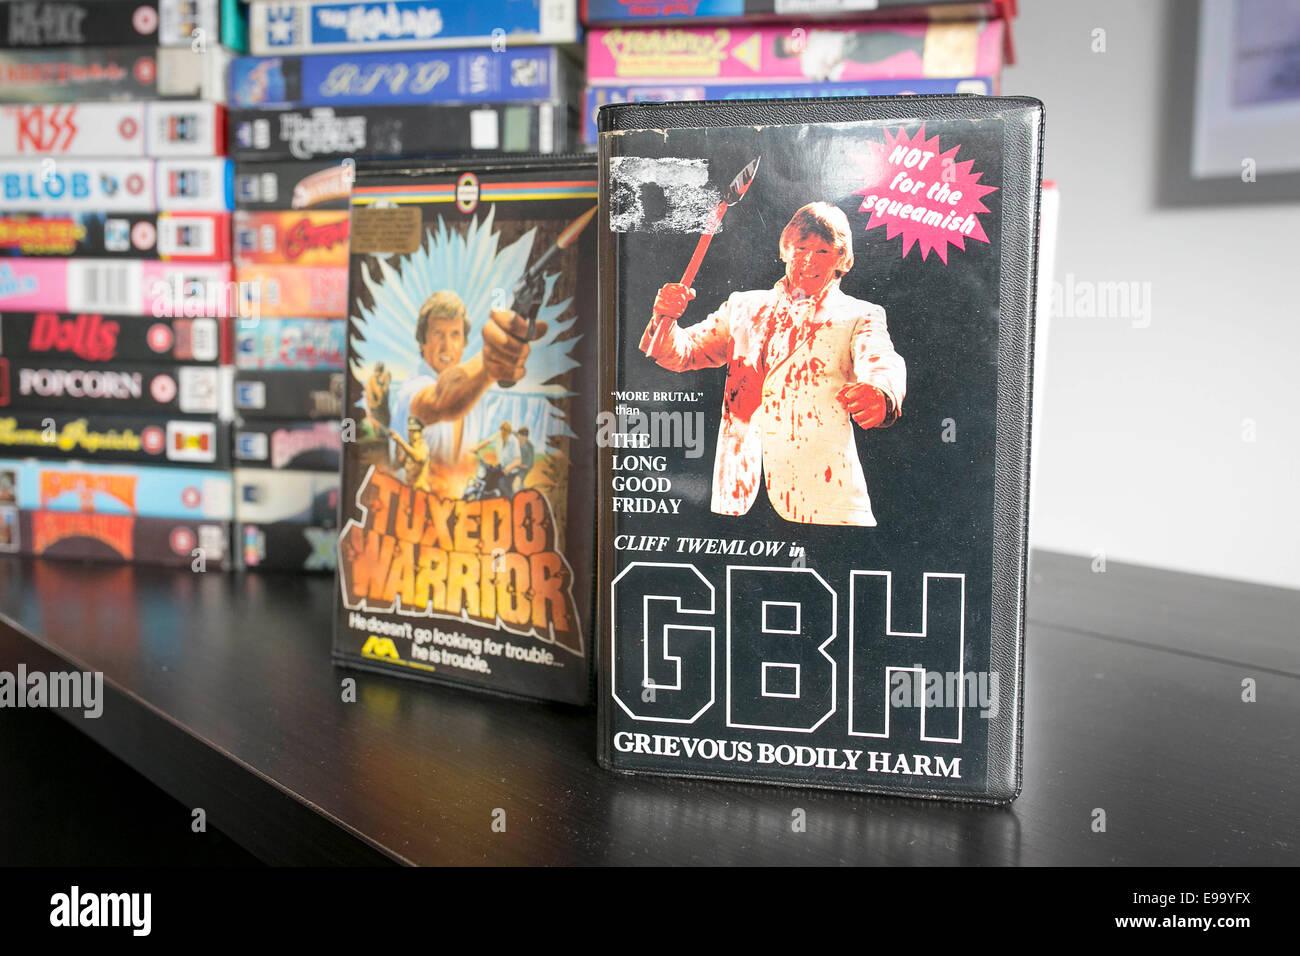 70er und 80er Jahre Kult-Videos einschließlich Clive Tremelow GBH Stockbild